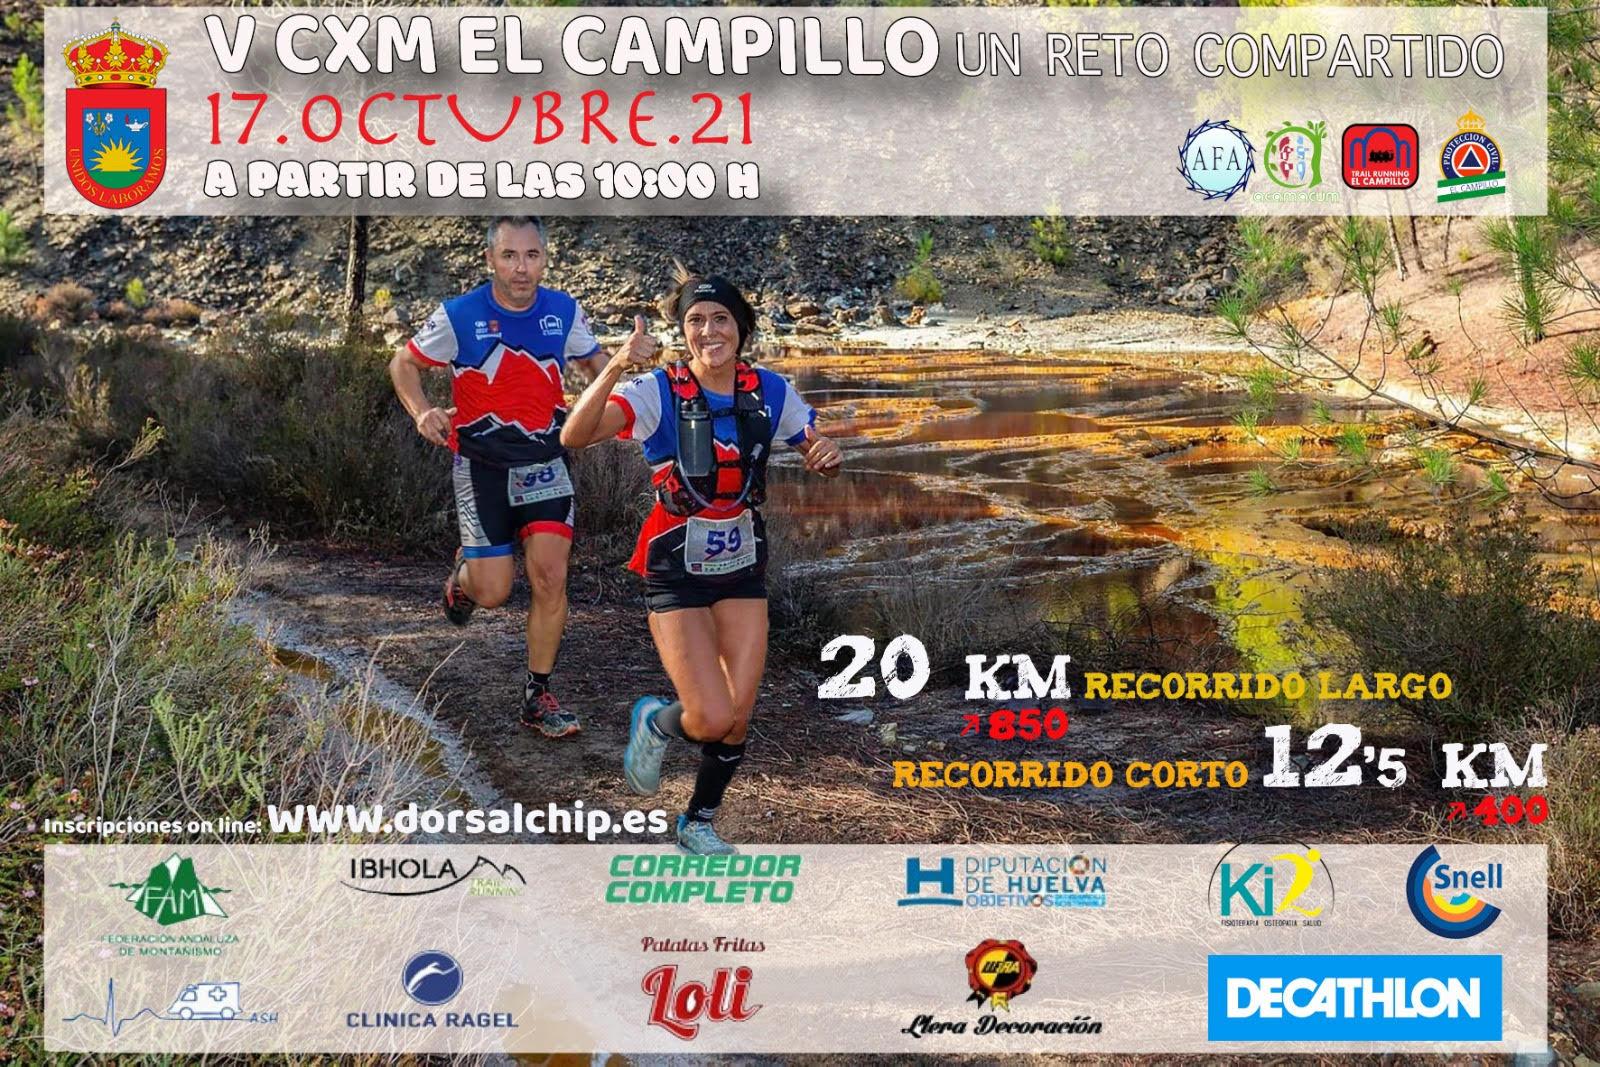 CxM El Campillo